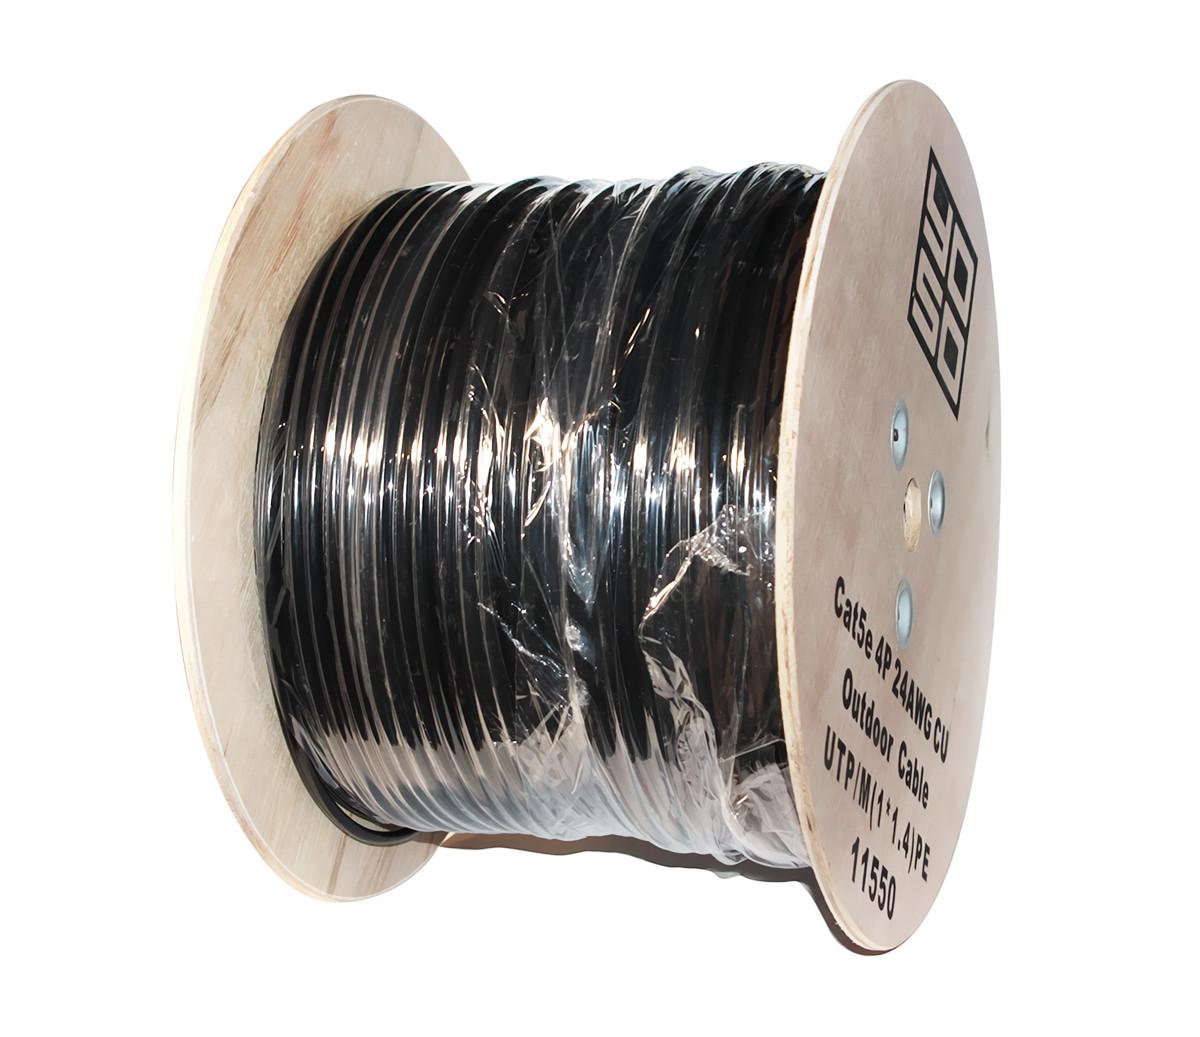 Кабель UTP, Cu (медь), для внешней прокладки с проволокой, 4x2x0,50 мм